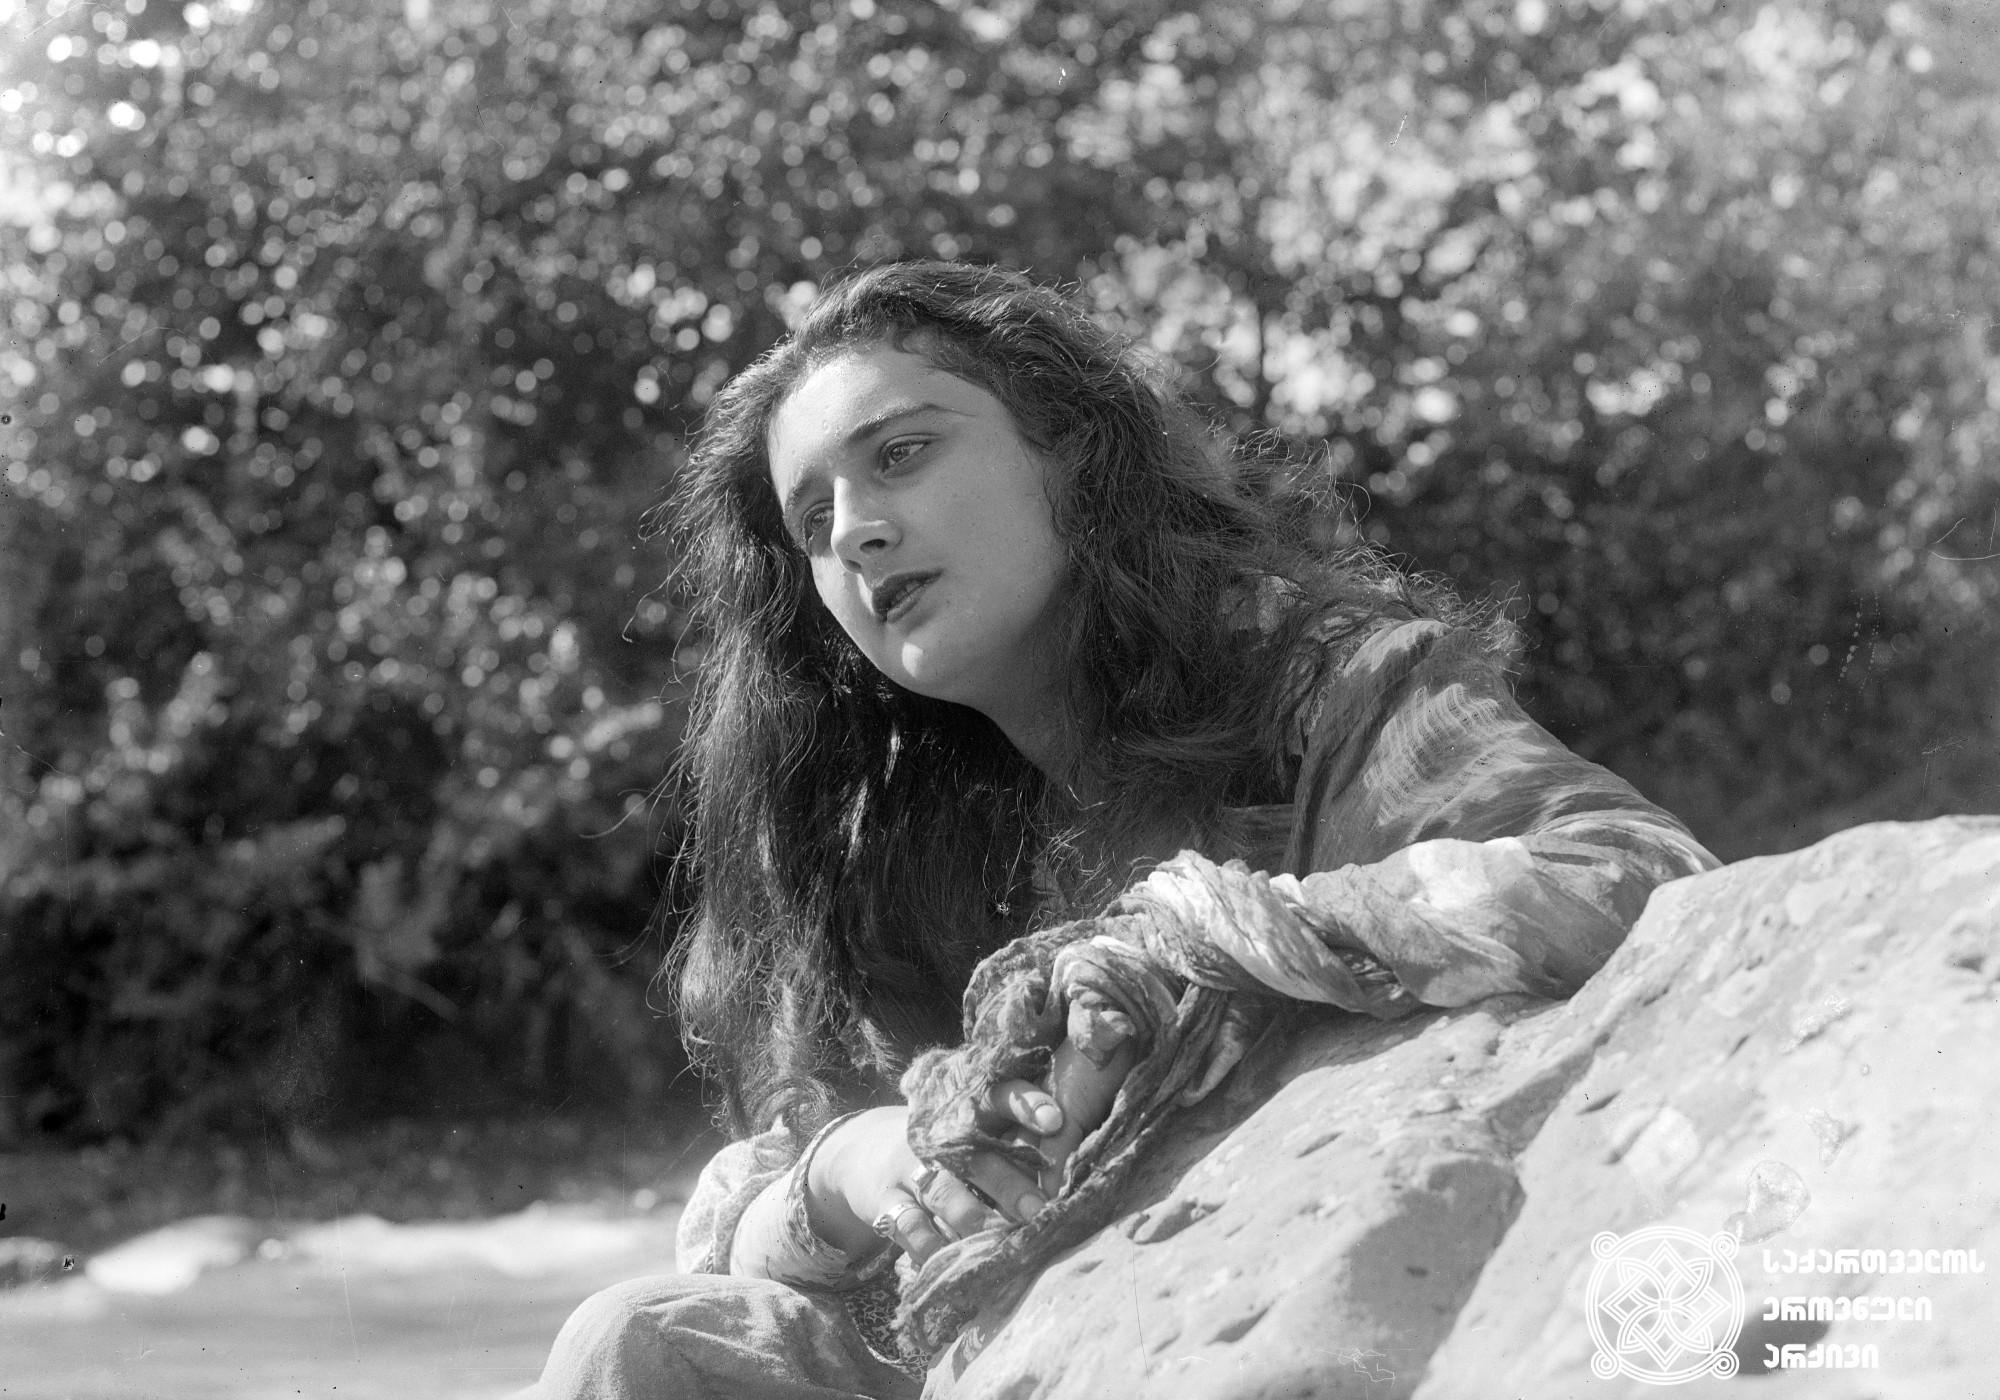 გიული 1927. <br>  რეჟისორები: ნიკოლოზ შენგელაია, ლევ პუში. <br>  სცენარის ავტორები: ნიკოლოზ შენგელაია, ლევ პუში, მიხეილ კალატოზიშვილი.  ოპერატორი: მიხეილ კალატოზიშვილი. მხატვარი: ვალერიან სიდამონ-ერისთავი. <br>  ფილმი გადაღებულია შიო არაგვისპირელის ამავე სახელწოდების მოთხრობის მიხედვით. <br> ფოტოზე: ქართული კინოს ვარსკვლავი ნატო ვაჩნაძე-გიულის როლში. <br>  Giuli 1927. <br> Directors: Nikoloz Shengelaia, Lev Push. <br>  Screenwriters: Nikoloz Shengelaia, Lev Push, Mikheil Kalatozishvili. <br>  Camera operator: Mikheil Kalatozishvili. Production designer: Valerian Sidamon-eristavi.  <br> Filmed according to Shio Aragvispireli's story of the same name.<br> On the photo: Nato Vachnadze in the part of Giuli.<br>